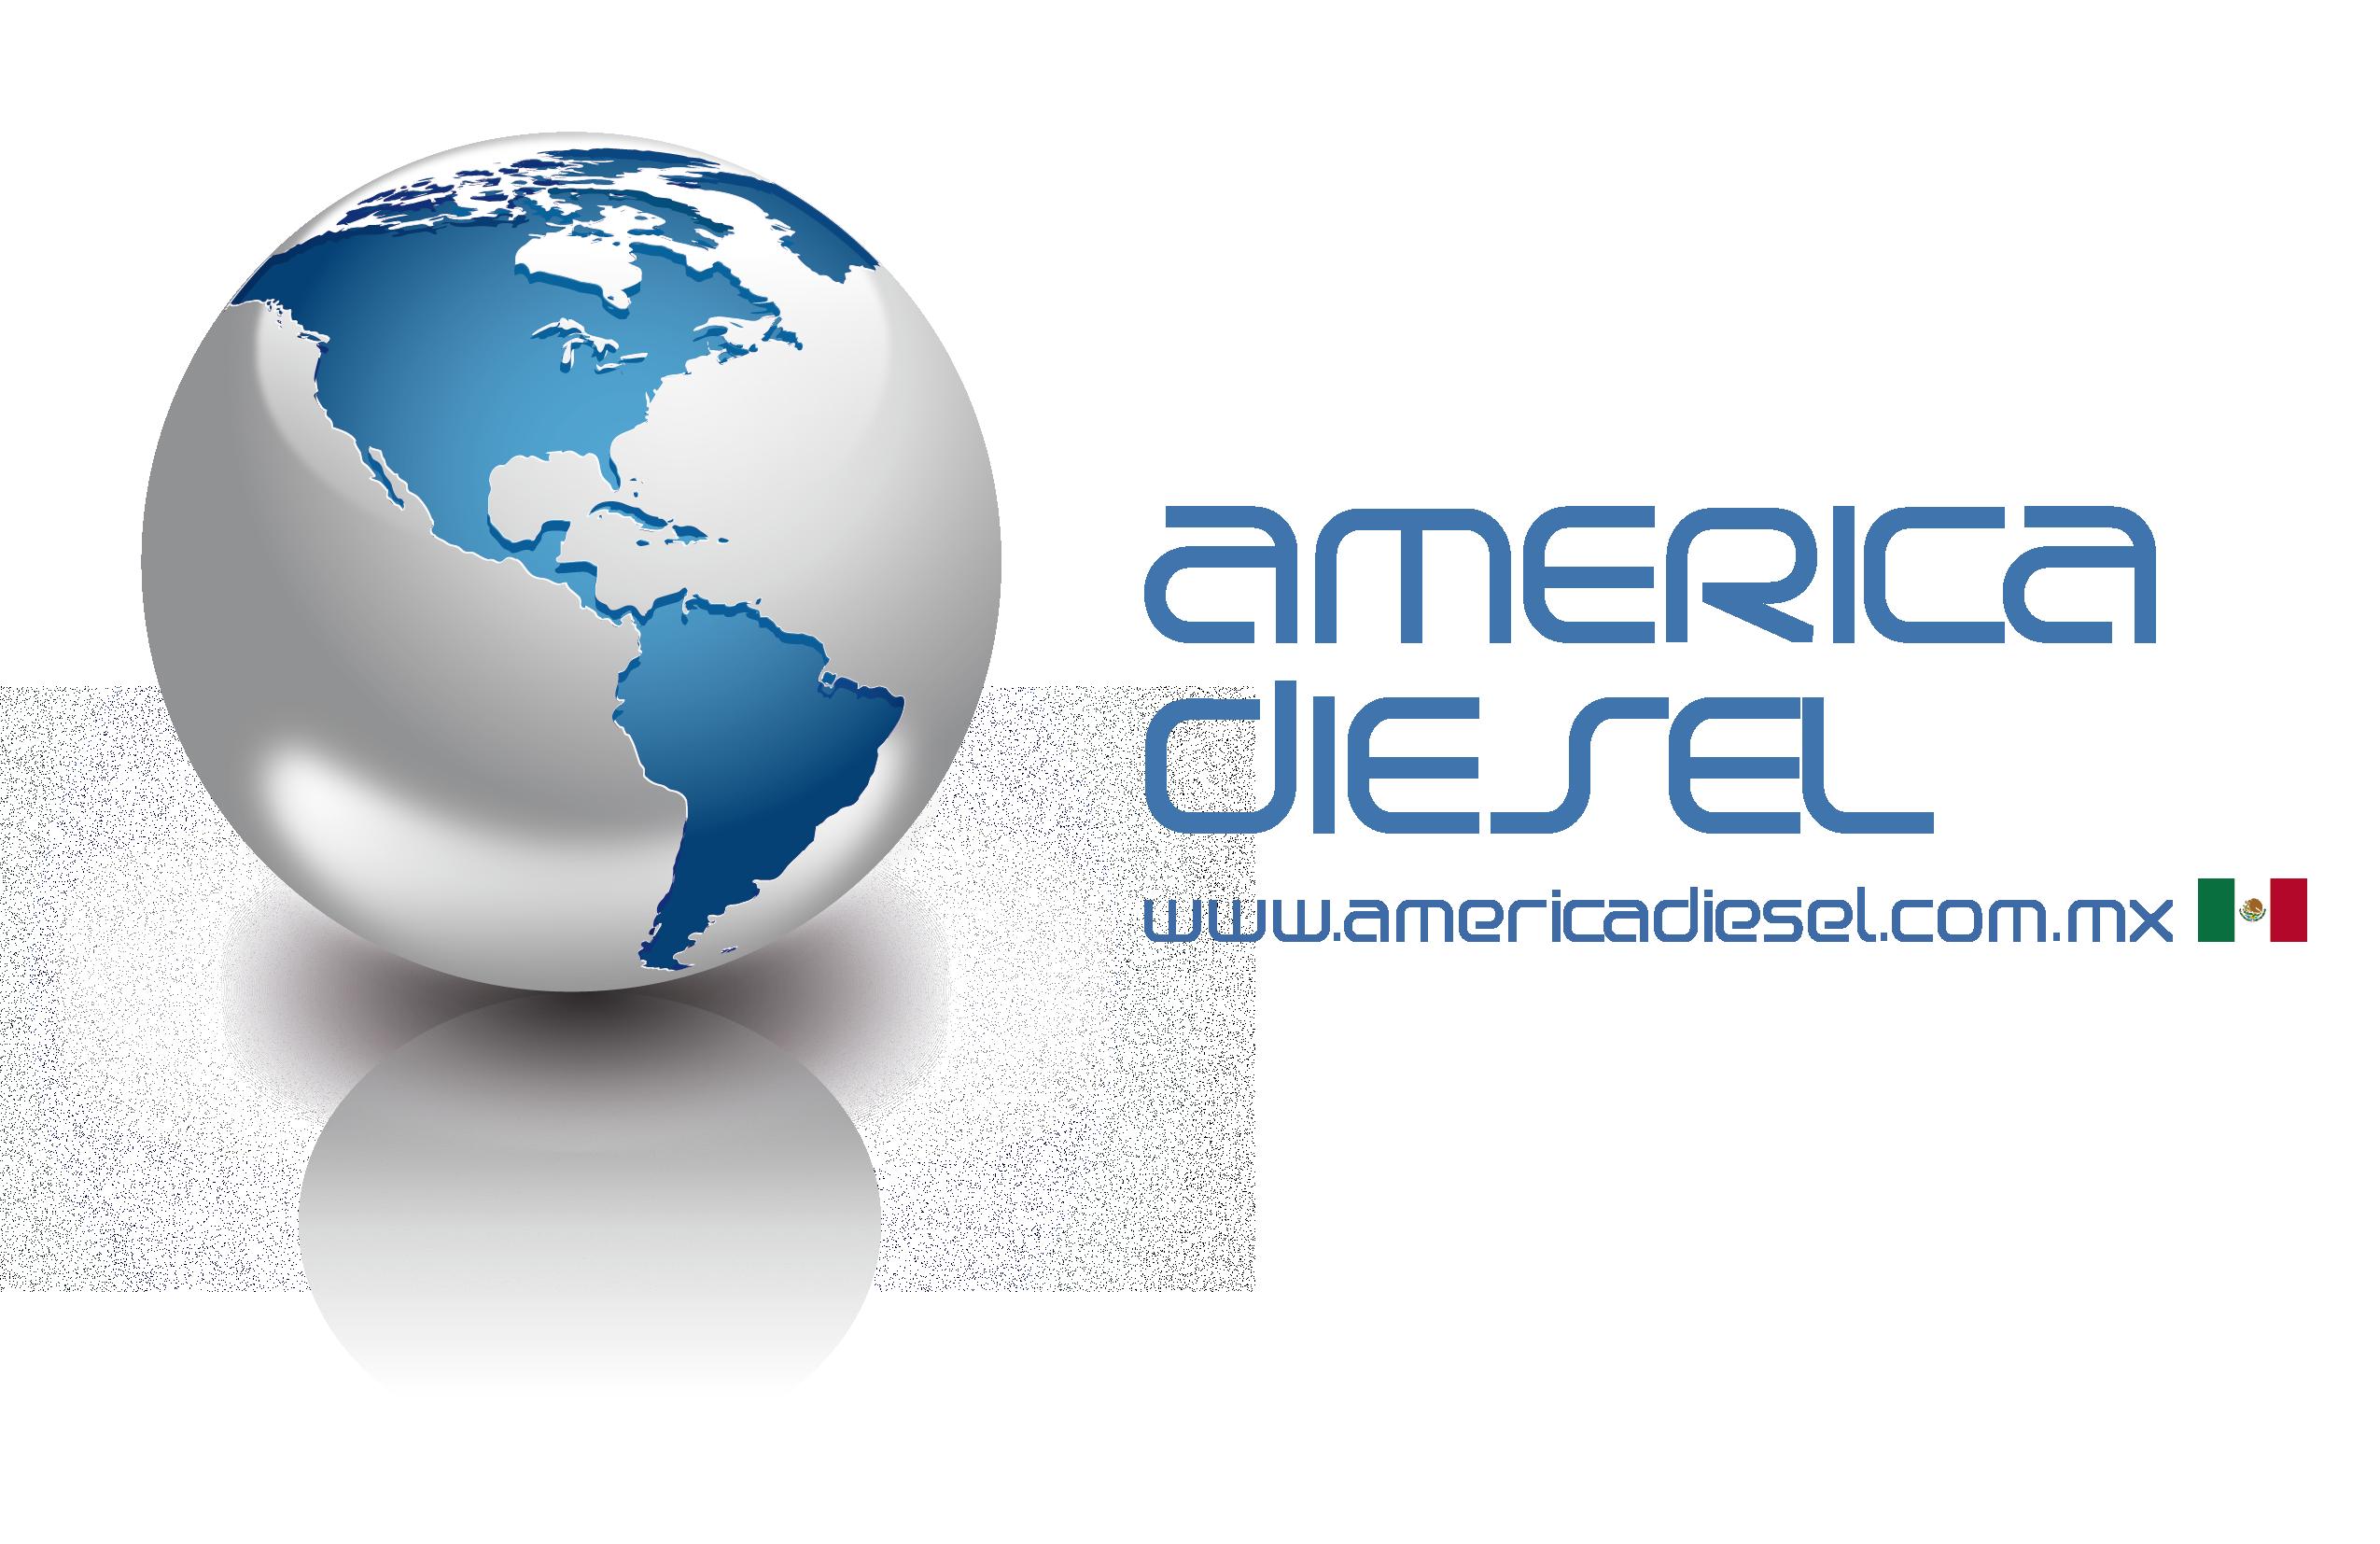 América Diesel